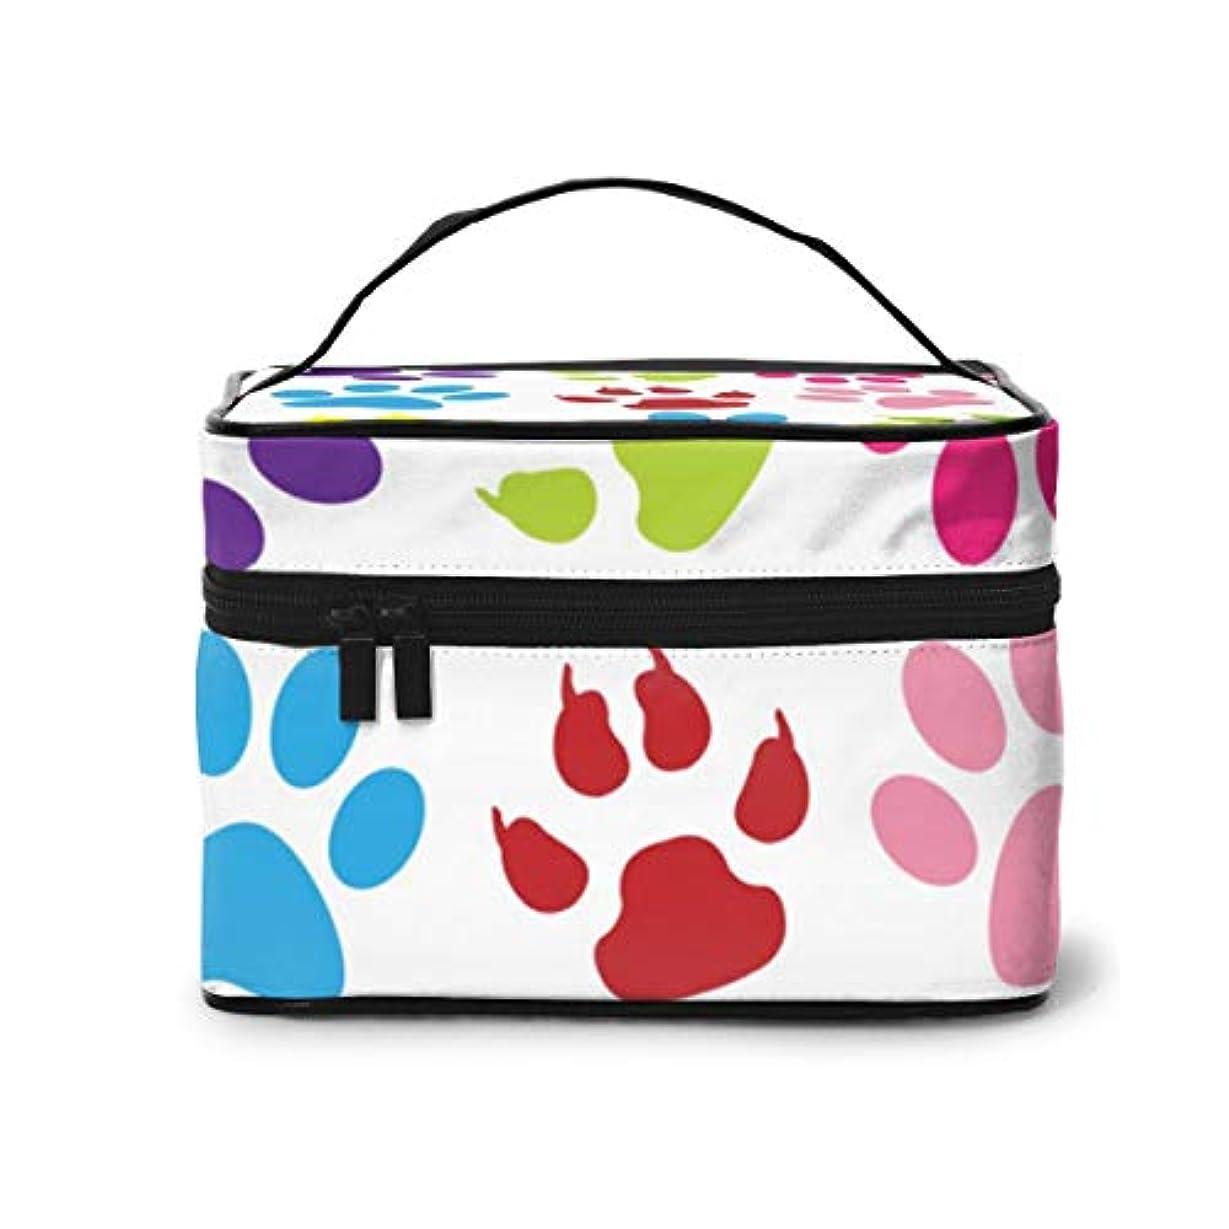 真鍮静かなレールメイクポーチ 化粧ポーチ コスメバッグ バニティケース トラベルポーチ 犬 イヌ 足 雑貨 小物入れ 出張用 超軽量 機能的 大容量 収納ボックス